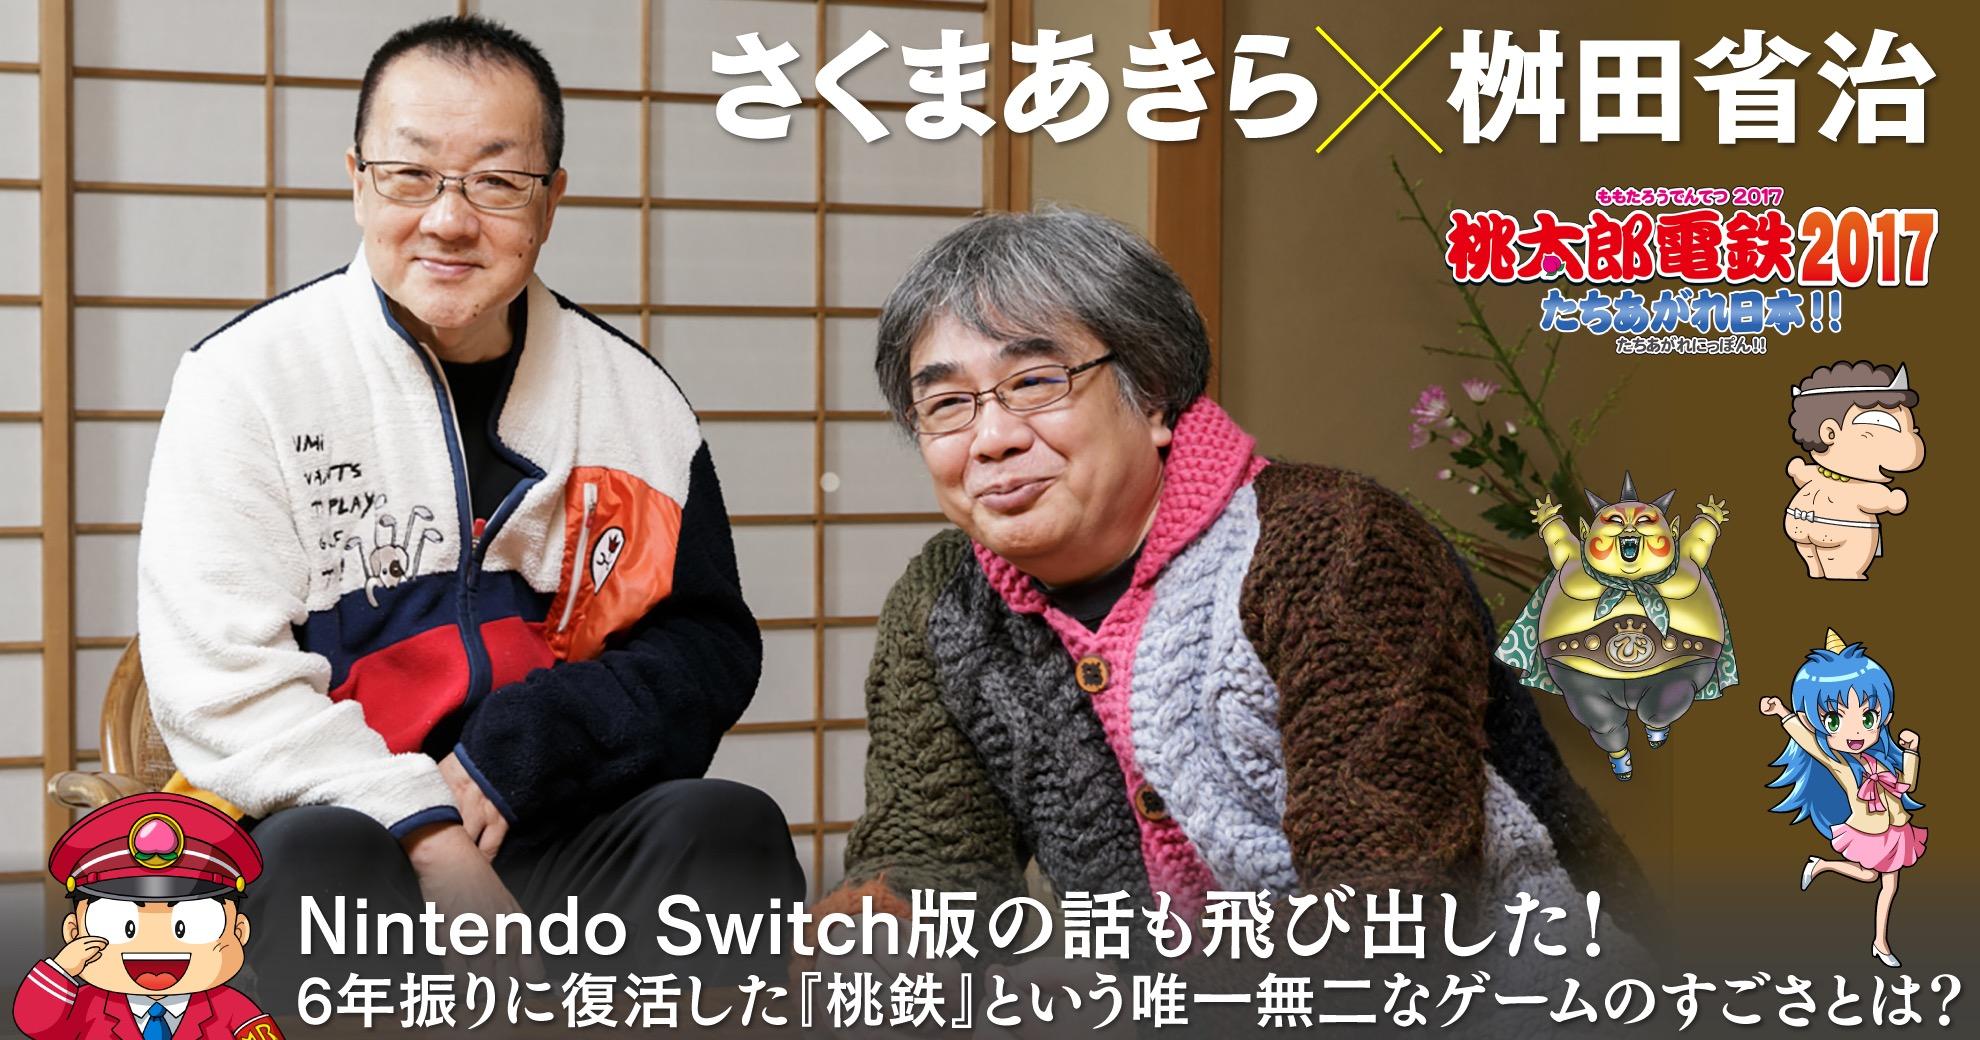 『桃太郎電鉄 Nintendo Switch版』の話も飛び出した!? さくまあきら氏&桝田省治氏へのインタビューが掲載